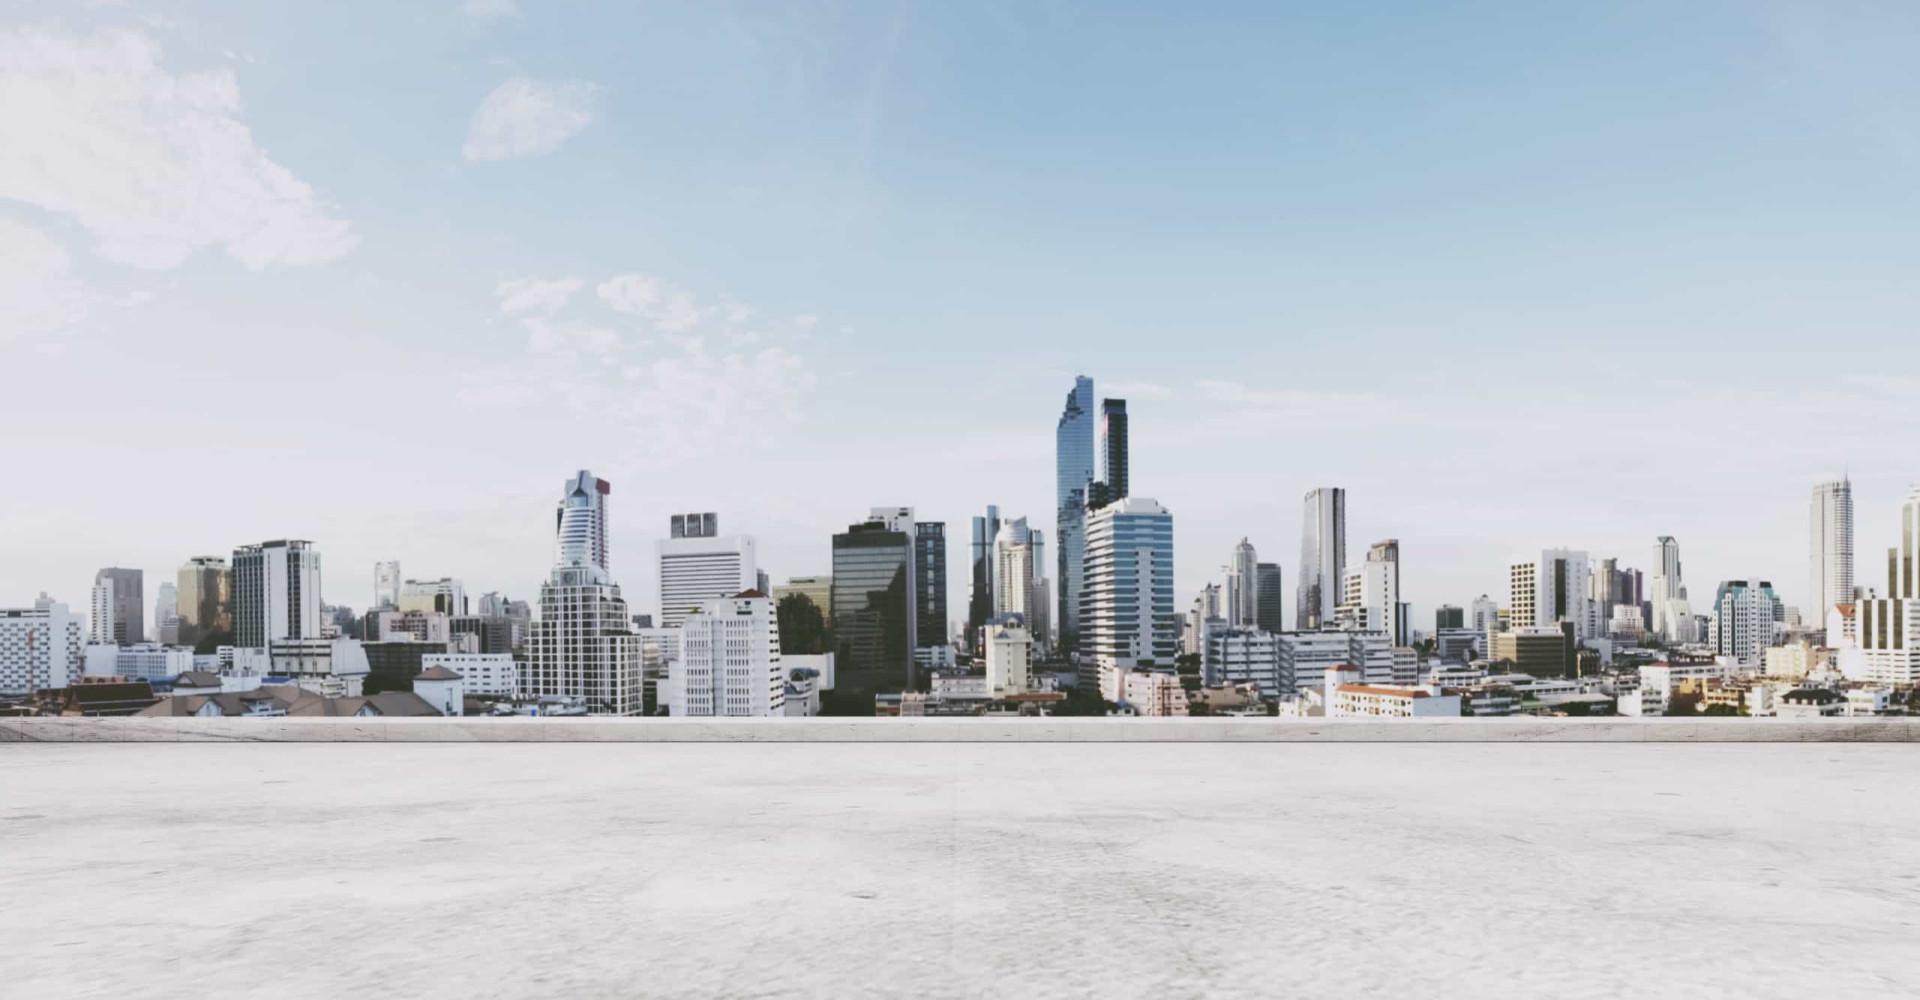 Verwechslungsgefahr: Städte und Orte, die gleich aussehen